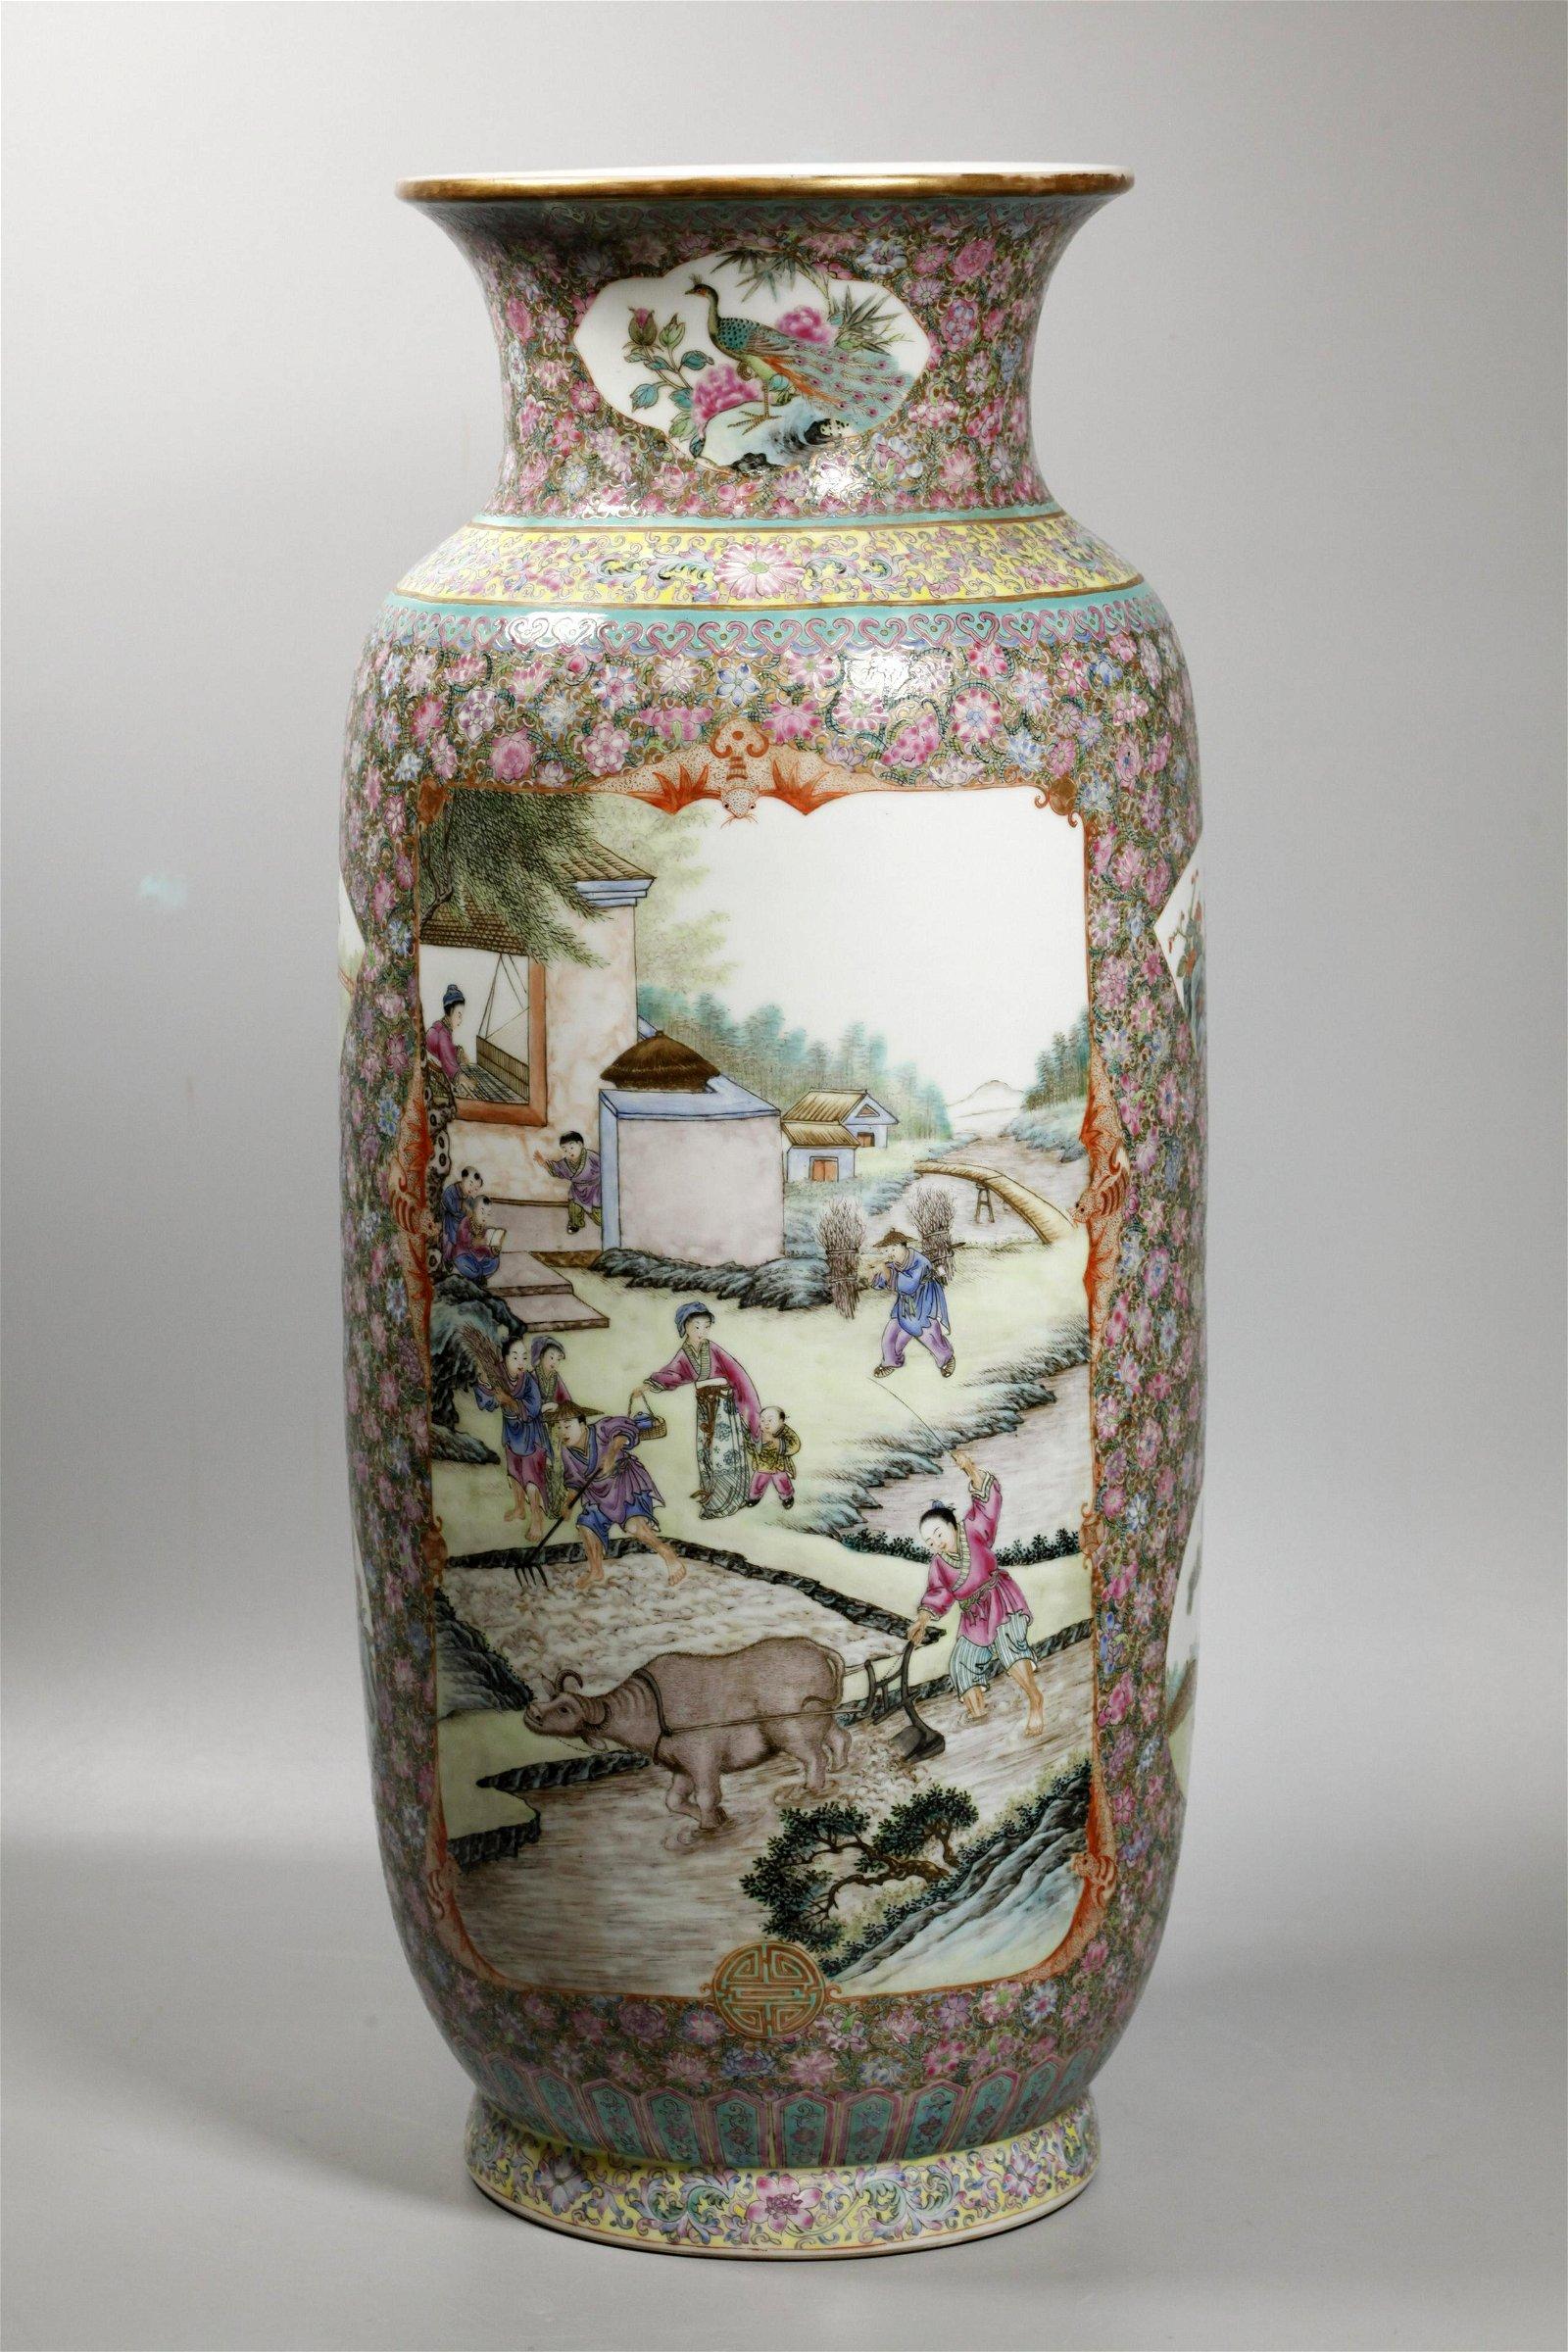 Chinese Jingdezhen Lg Enameled Porcelain Farm Vase